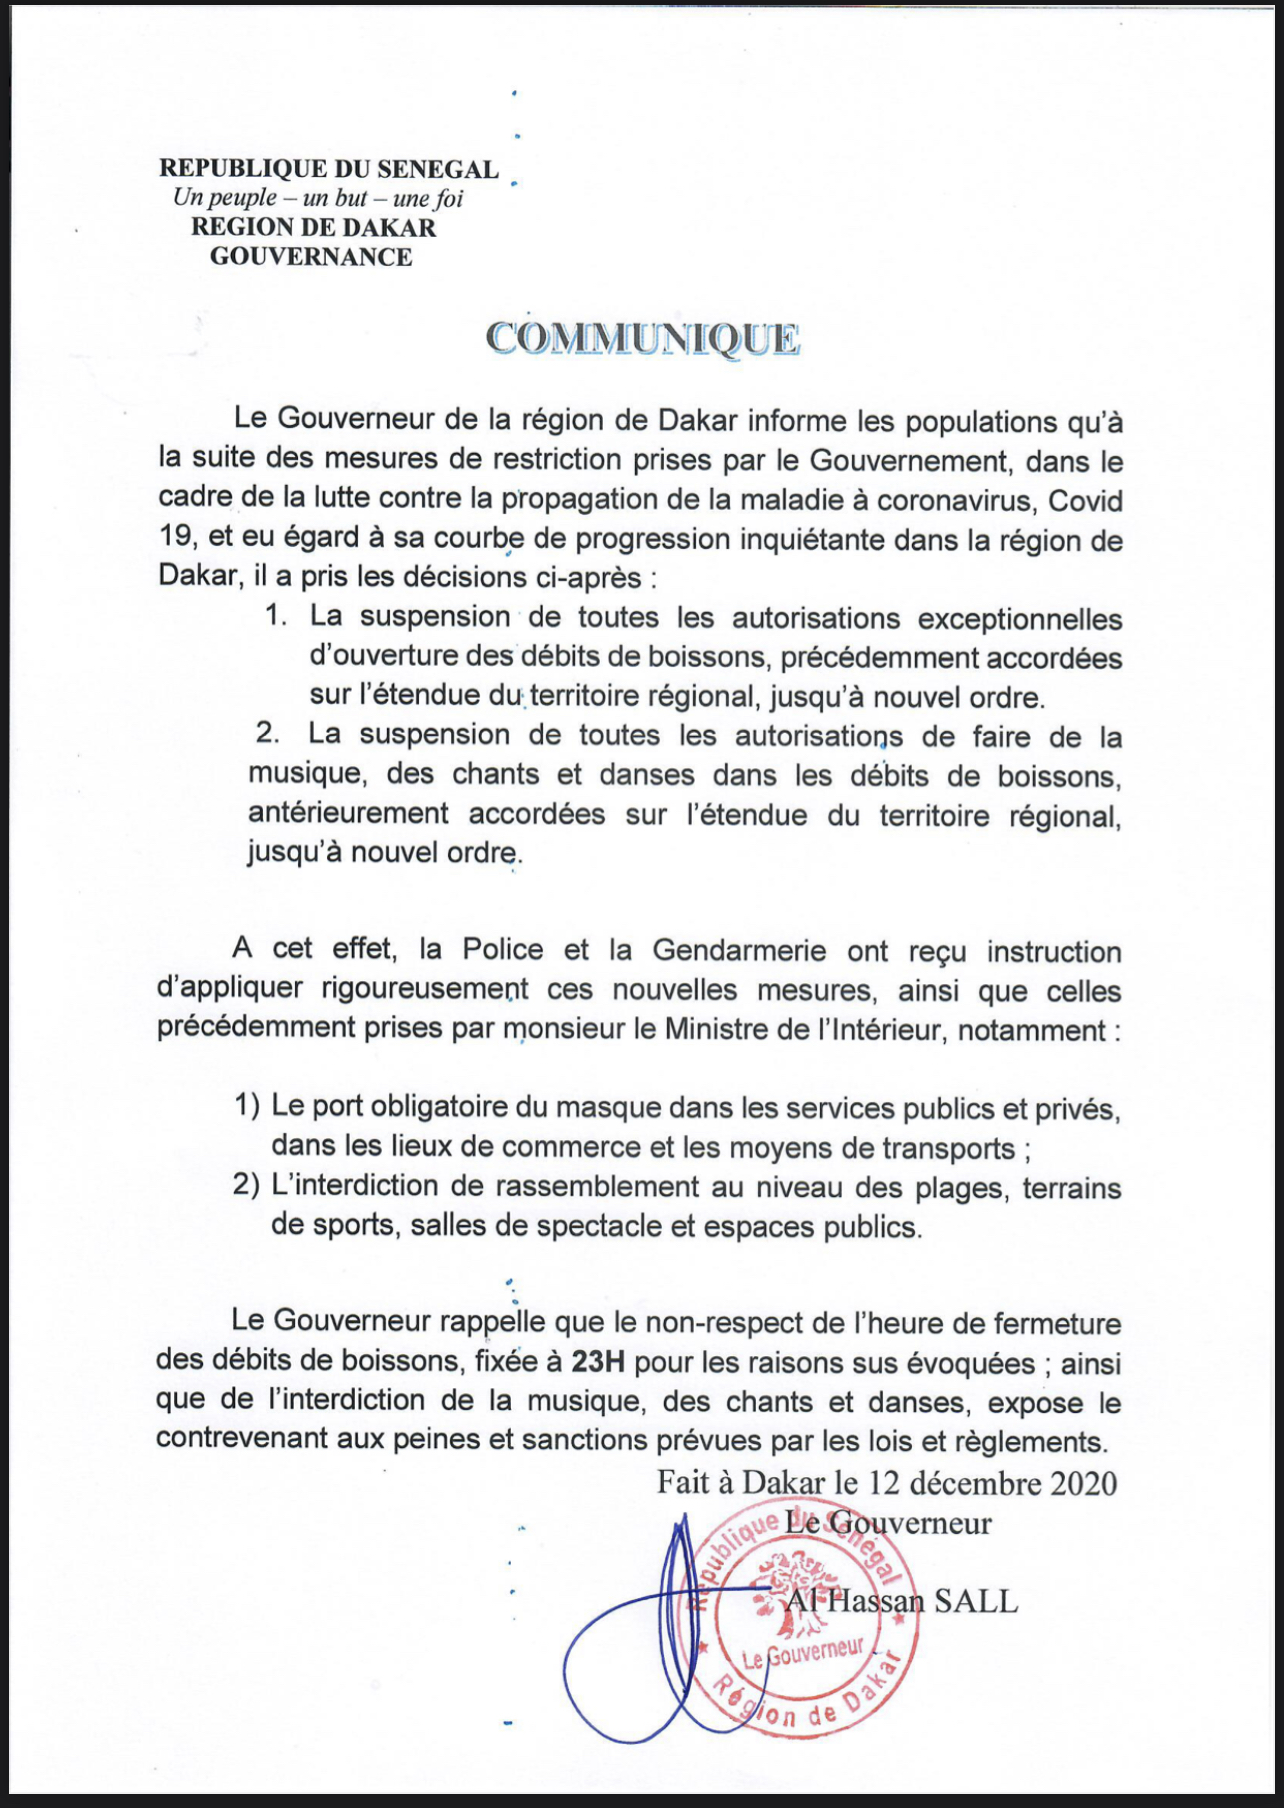 Mesures contre la COVID-19 : Le Gouverneur de Dakar corse les choses et avertit les récalcitrants. (DOCUMENT)